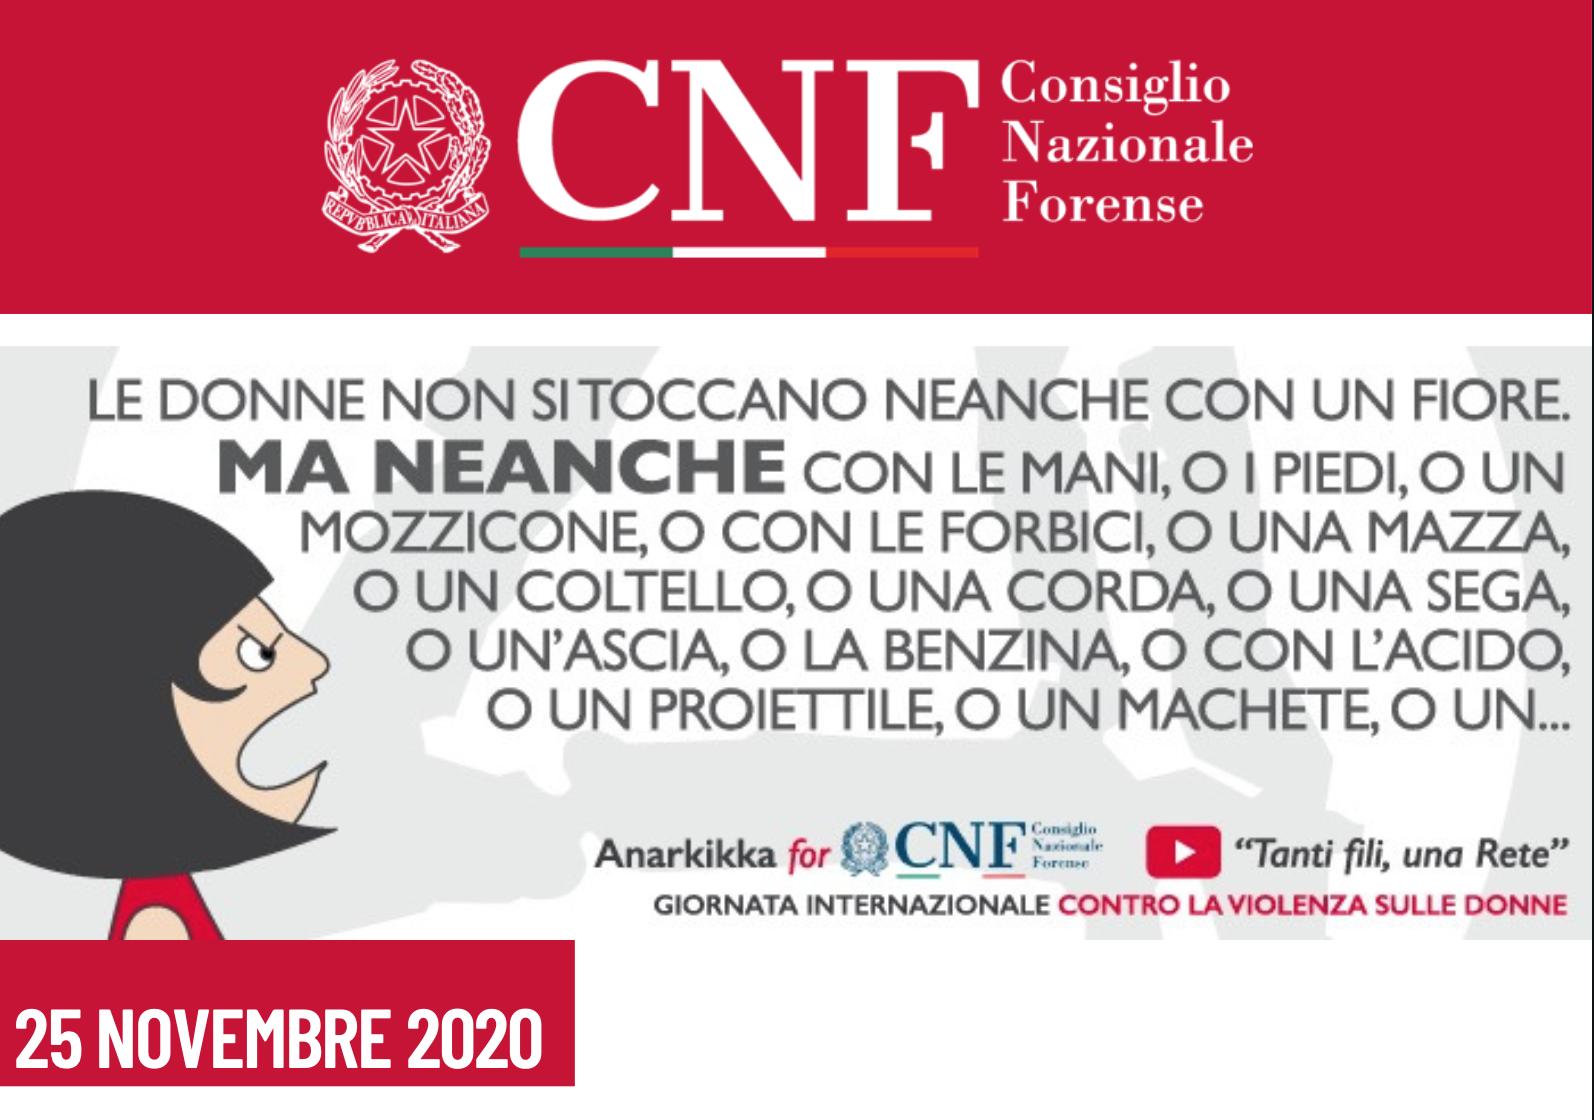 Violenza donne, Al via campagna CNF con Ministra Bonetti